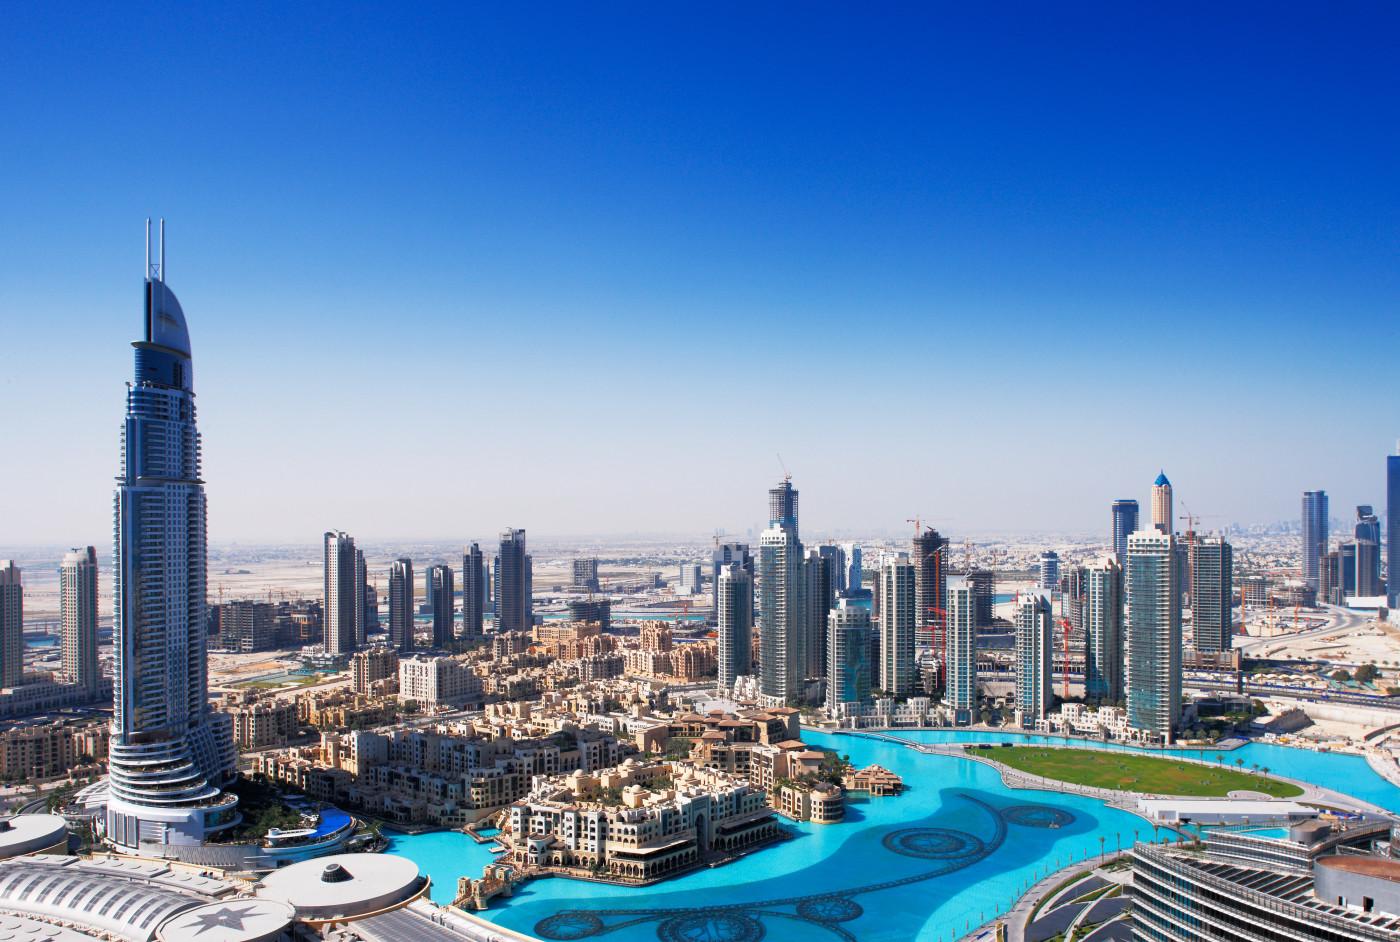 Wyjazd do Dubaju – co można, a czego nie można?